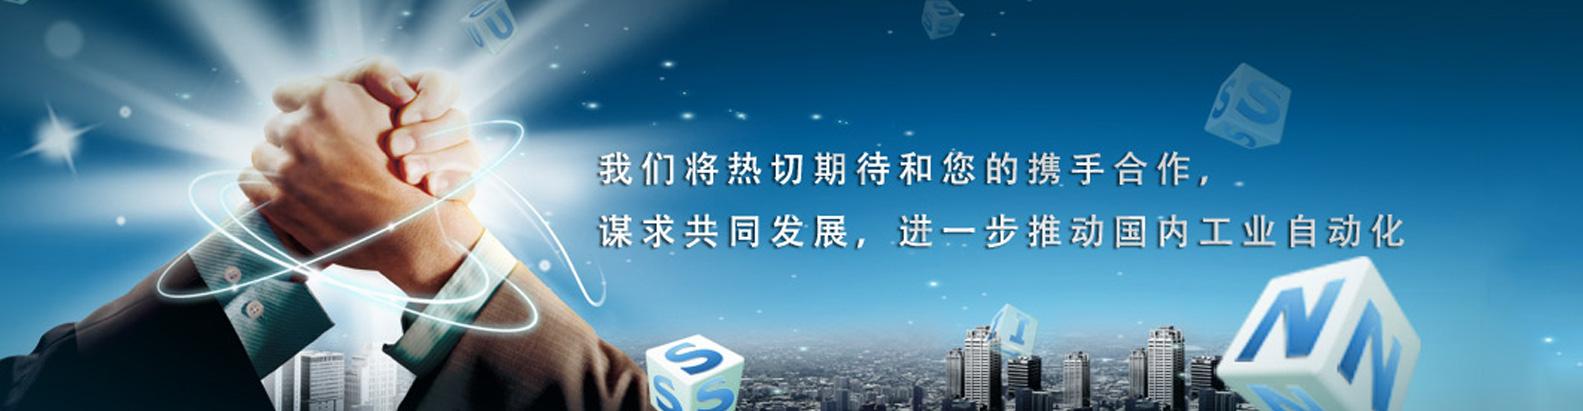 安徽天维仪表有限公司-banner